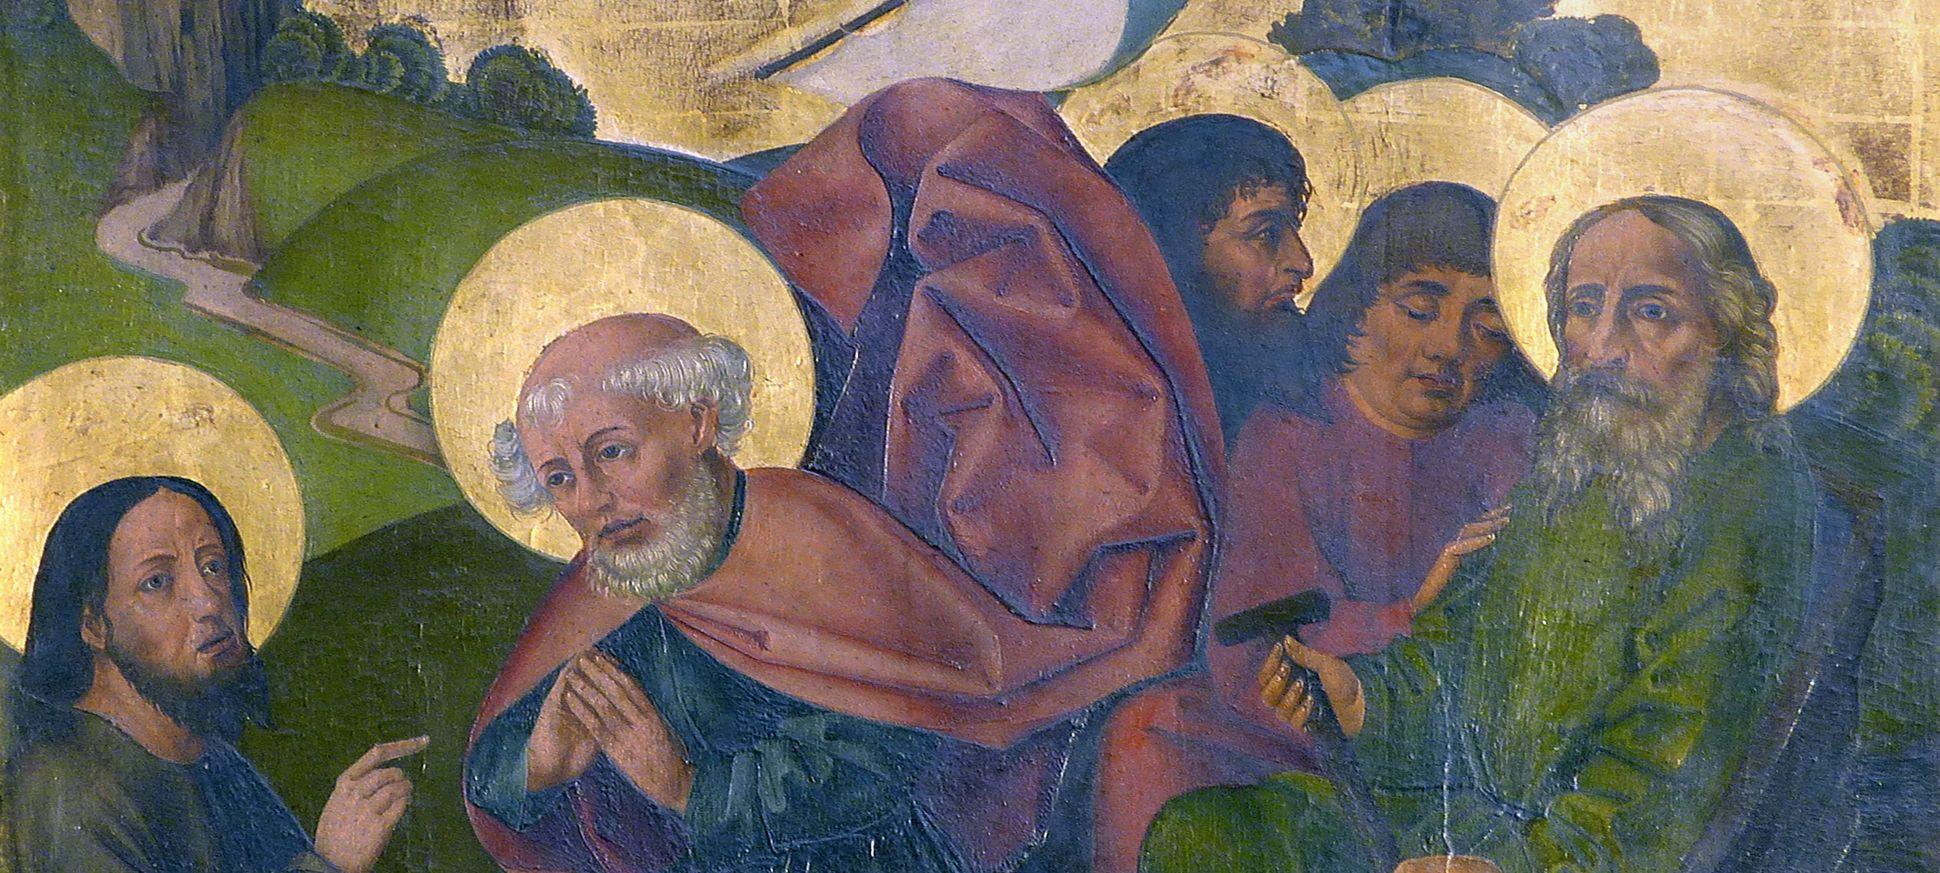 Petersaltar Schrein, rechter Flügel oben, Berufung Petri, Detailansicht mit Köpfen